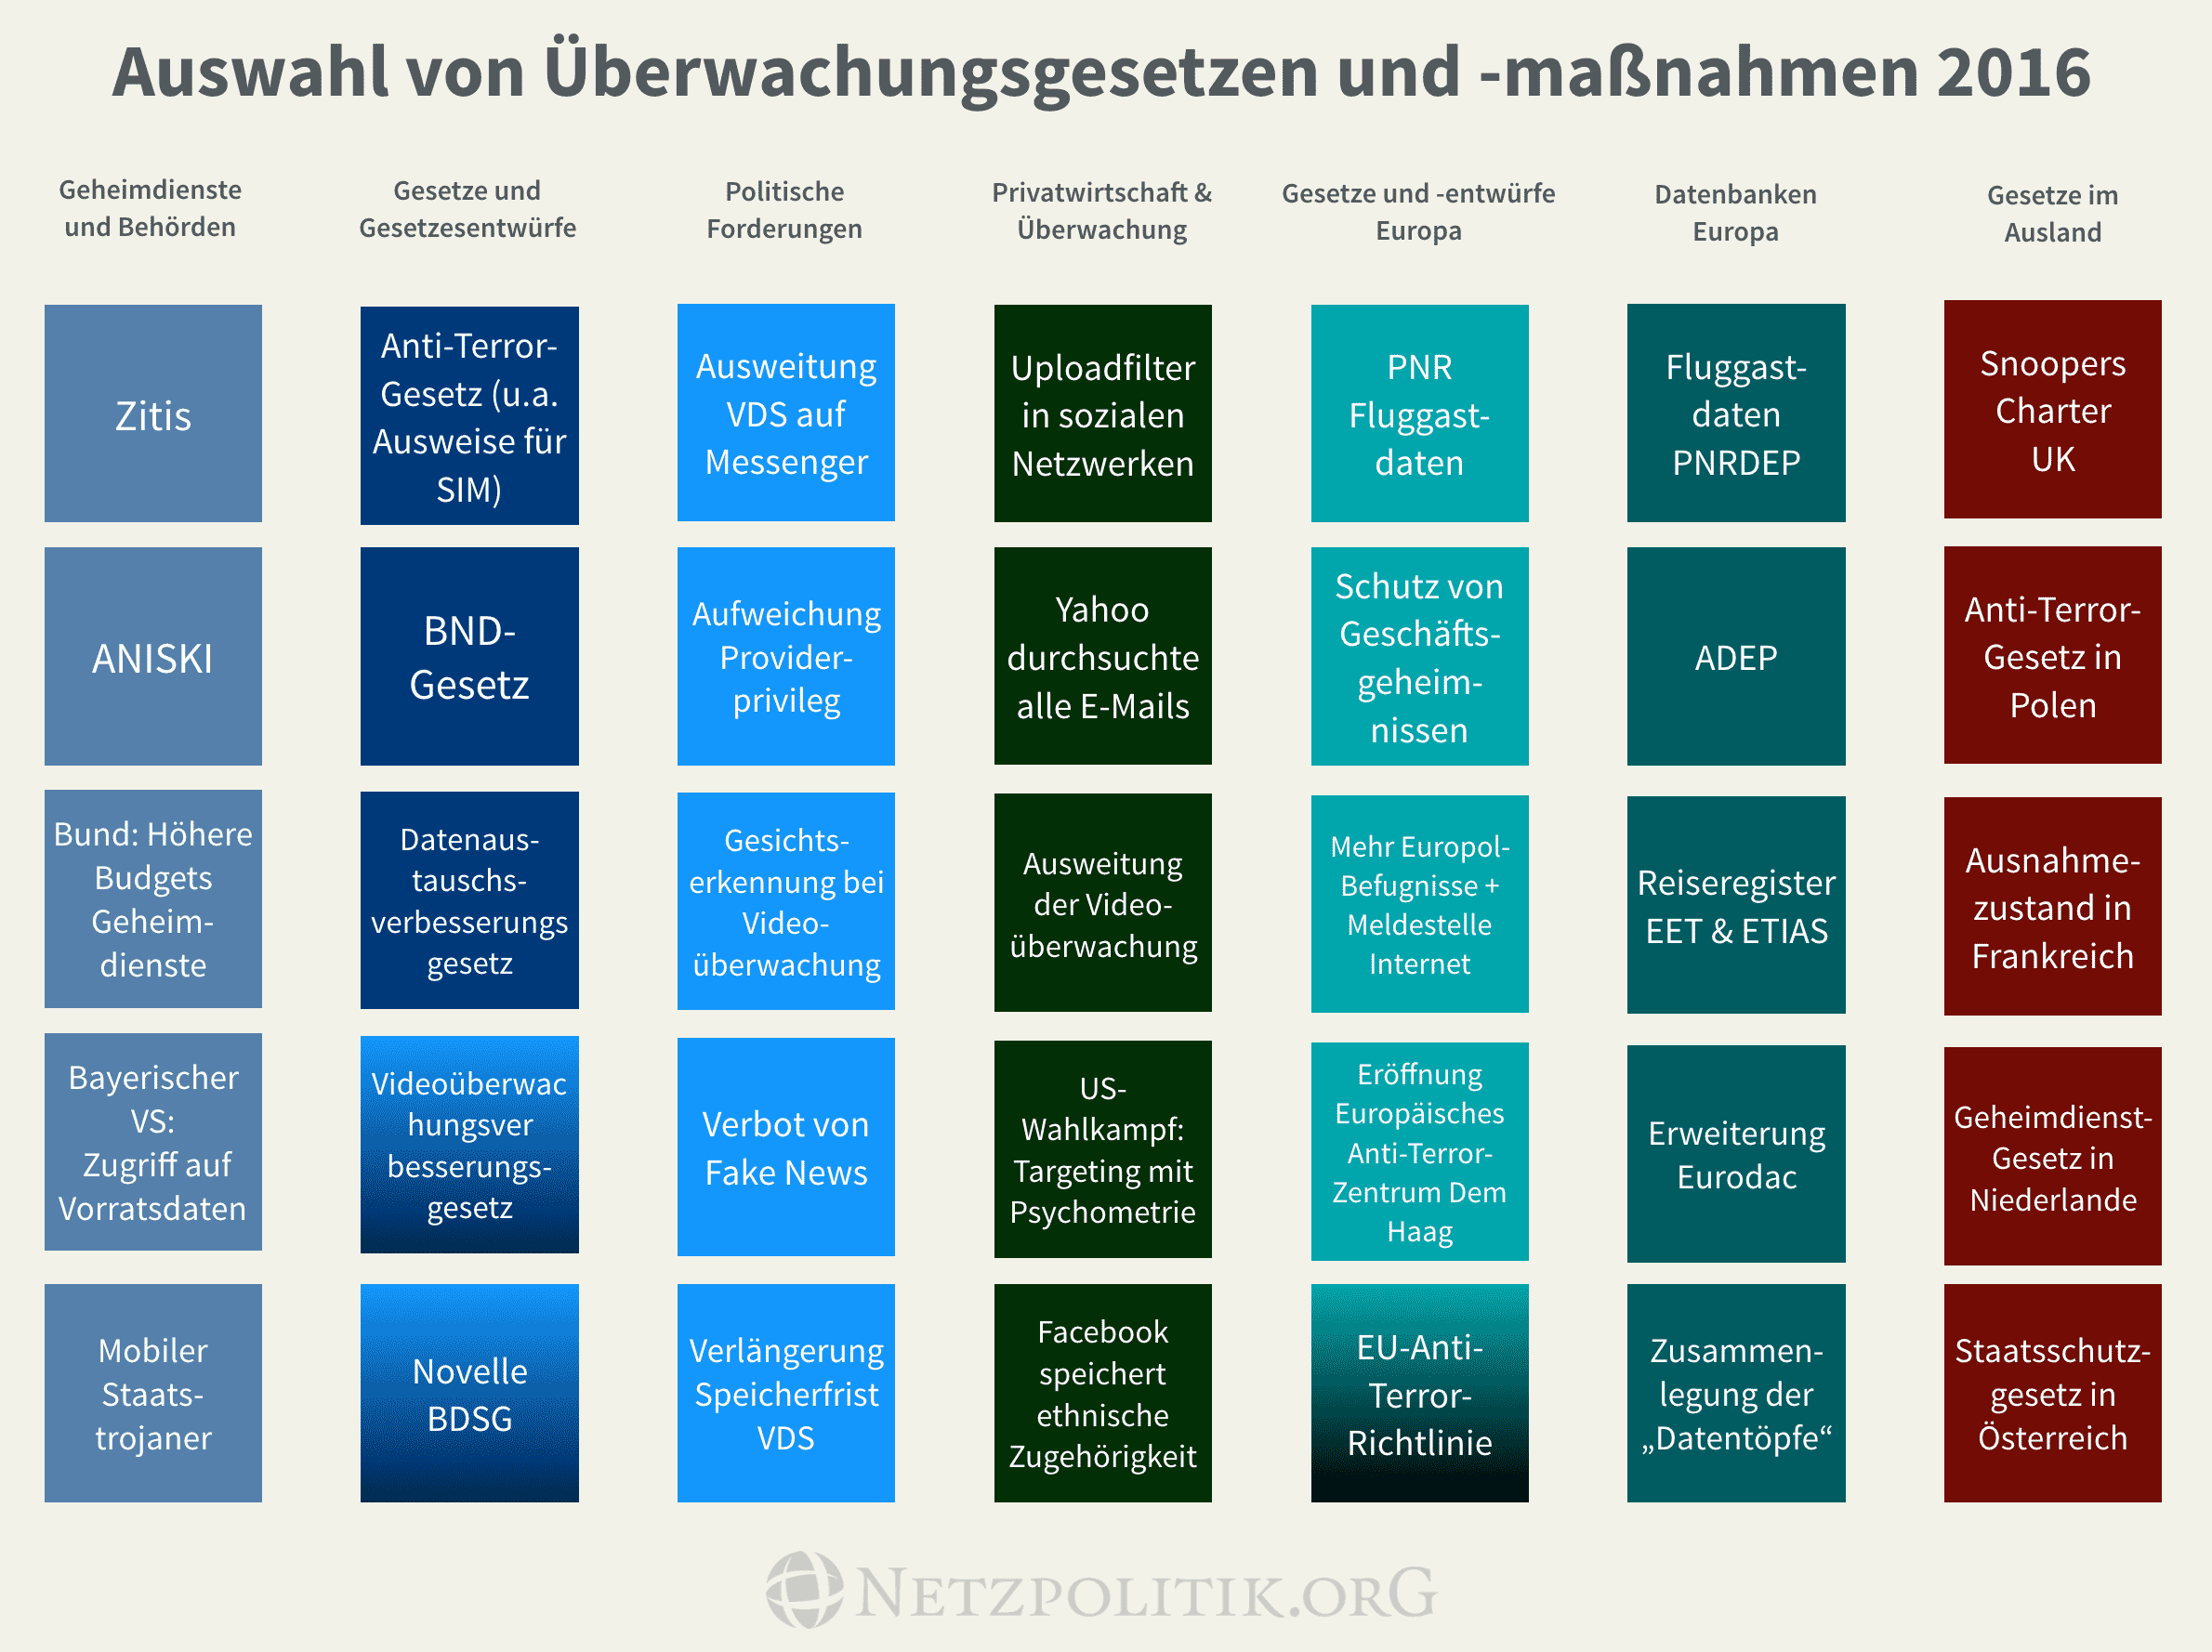 Infografik: CC-BY-NC 4.0 netzpolitik.org